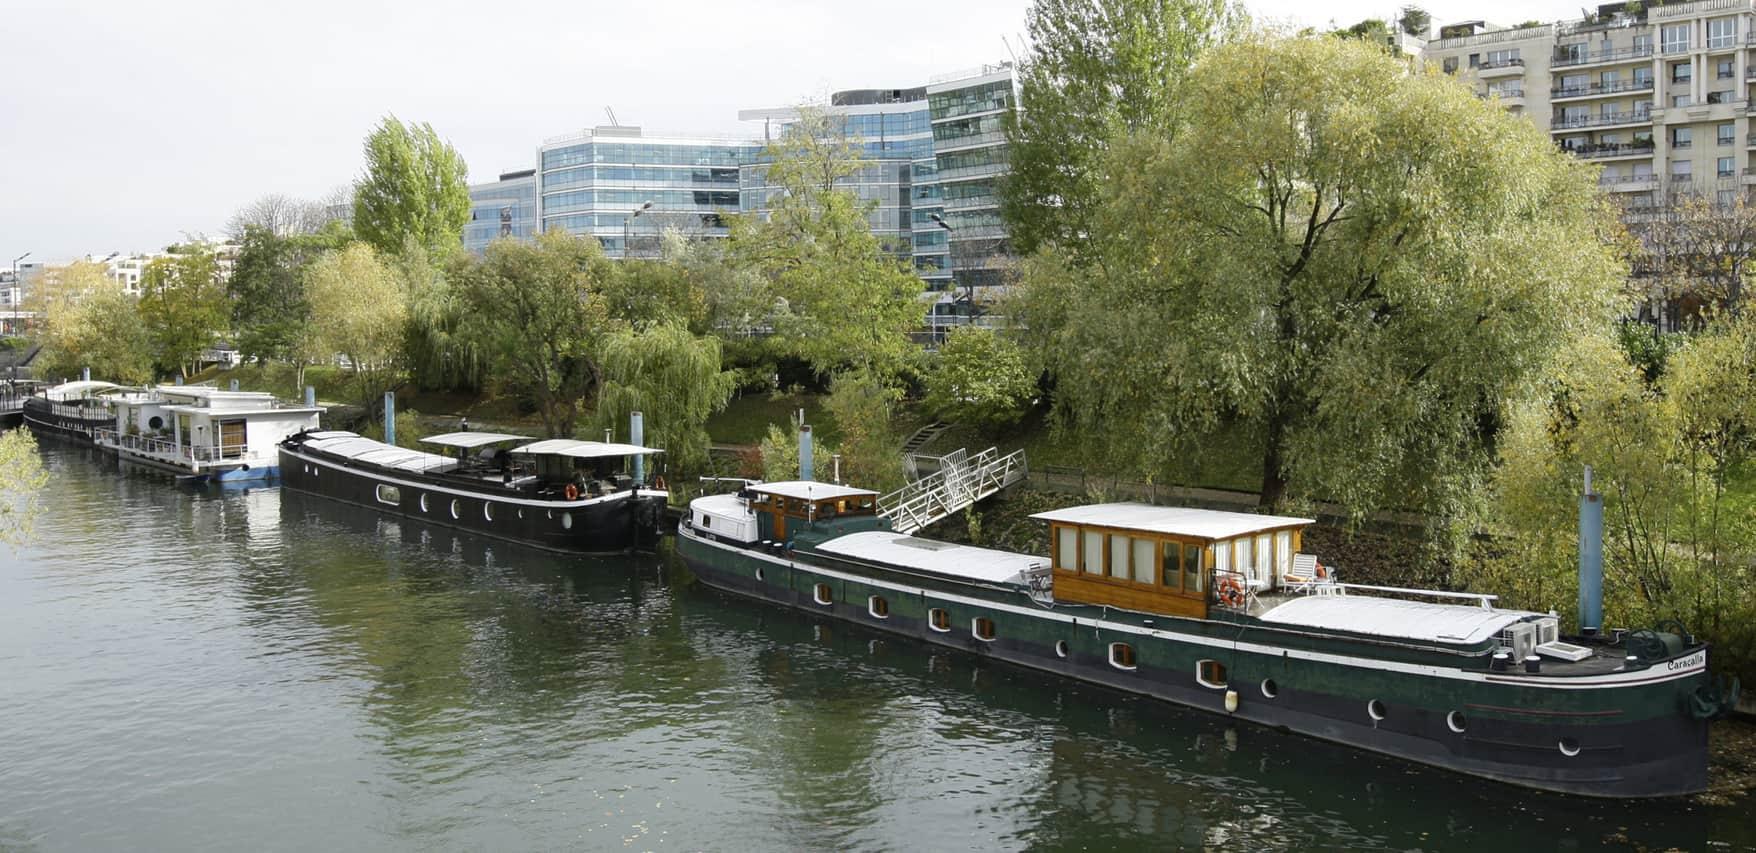 Vernon devra attendre 2014 pour sa halte fluviale aux Tourelles